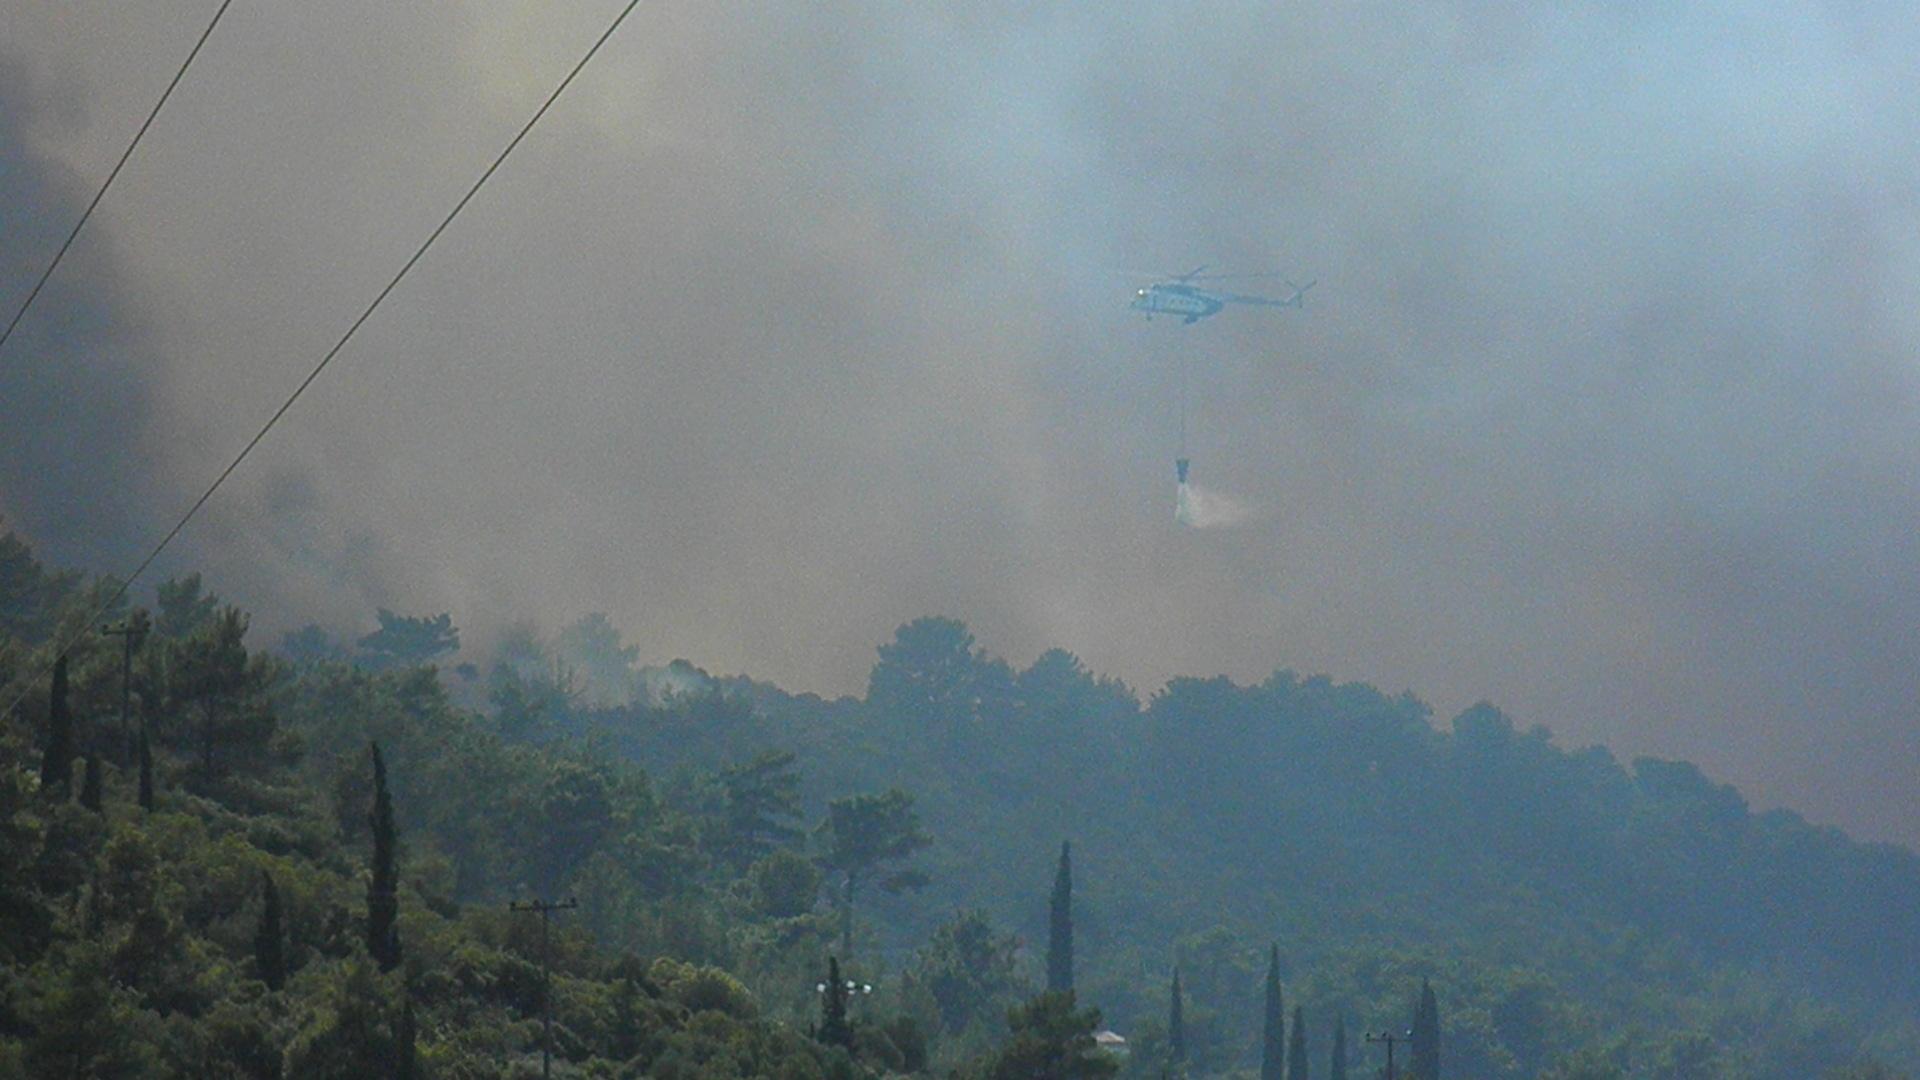 Ελικόπτερο της πυροσβεστικής πραγματοποιεί ρίψη στο μέτωπο της φωτιάς - ΦΩΤΟ από Σαμιακός Τύπος